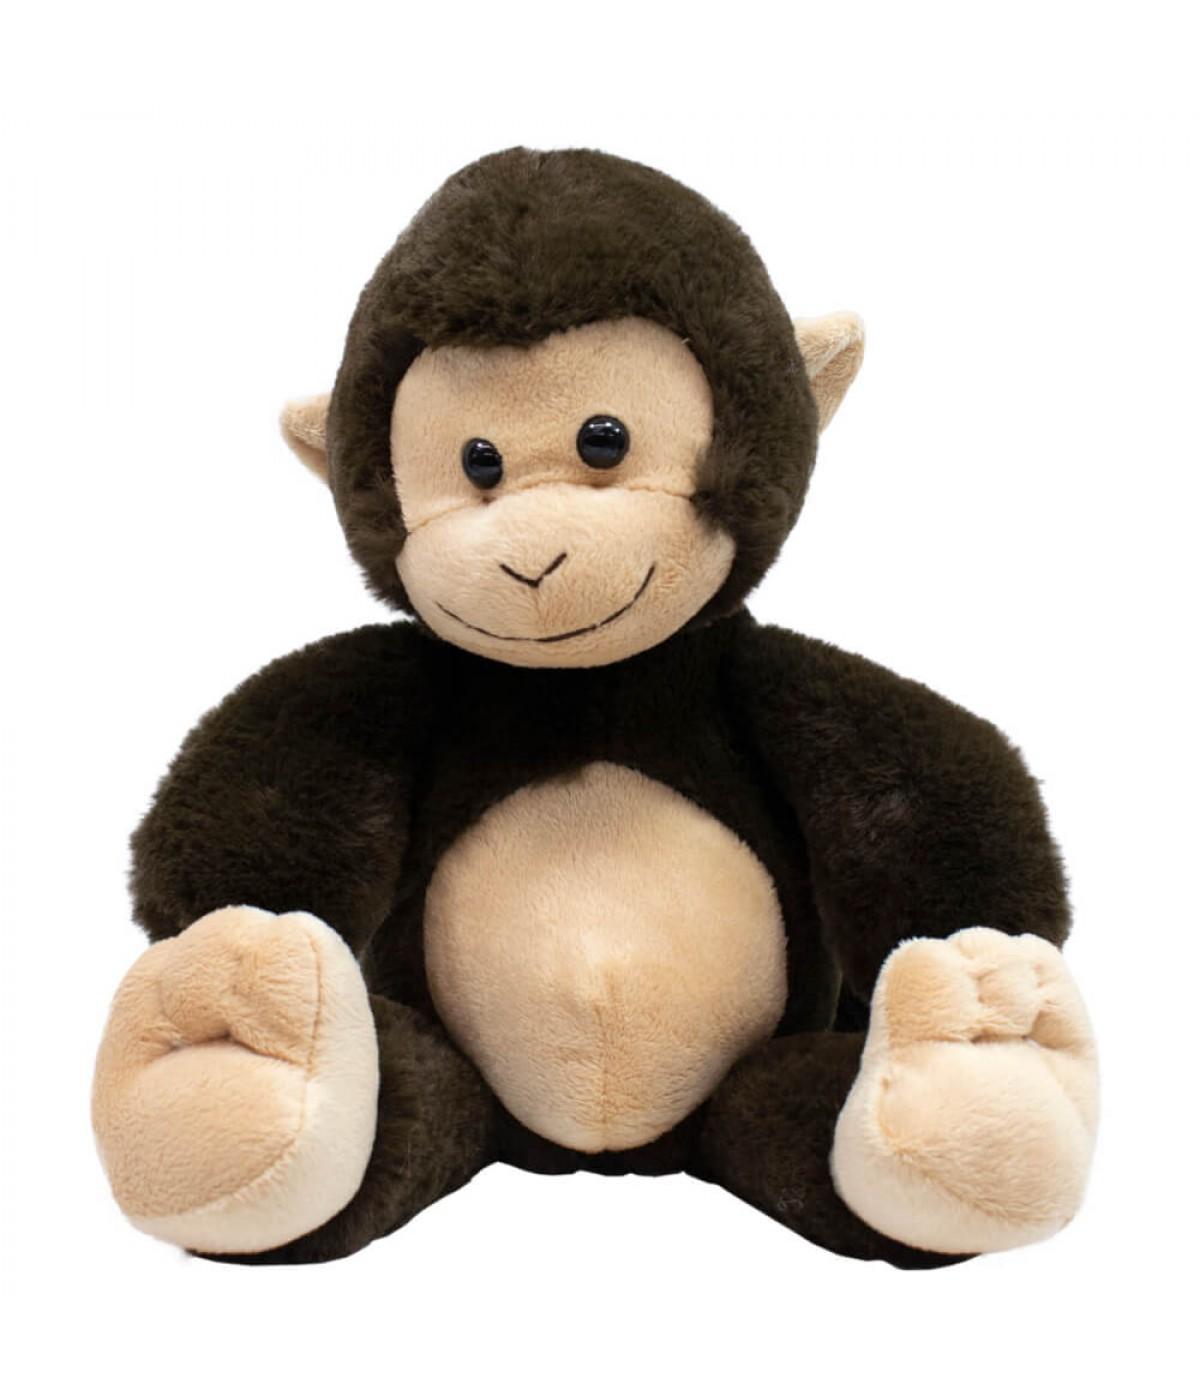 Macaco Marrom Cauda Longa 25cm - Pelúcia